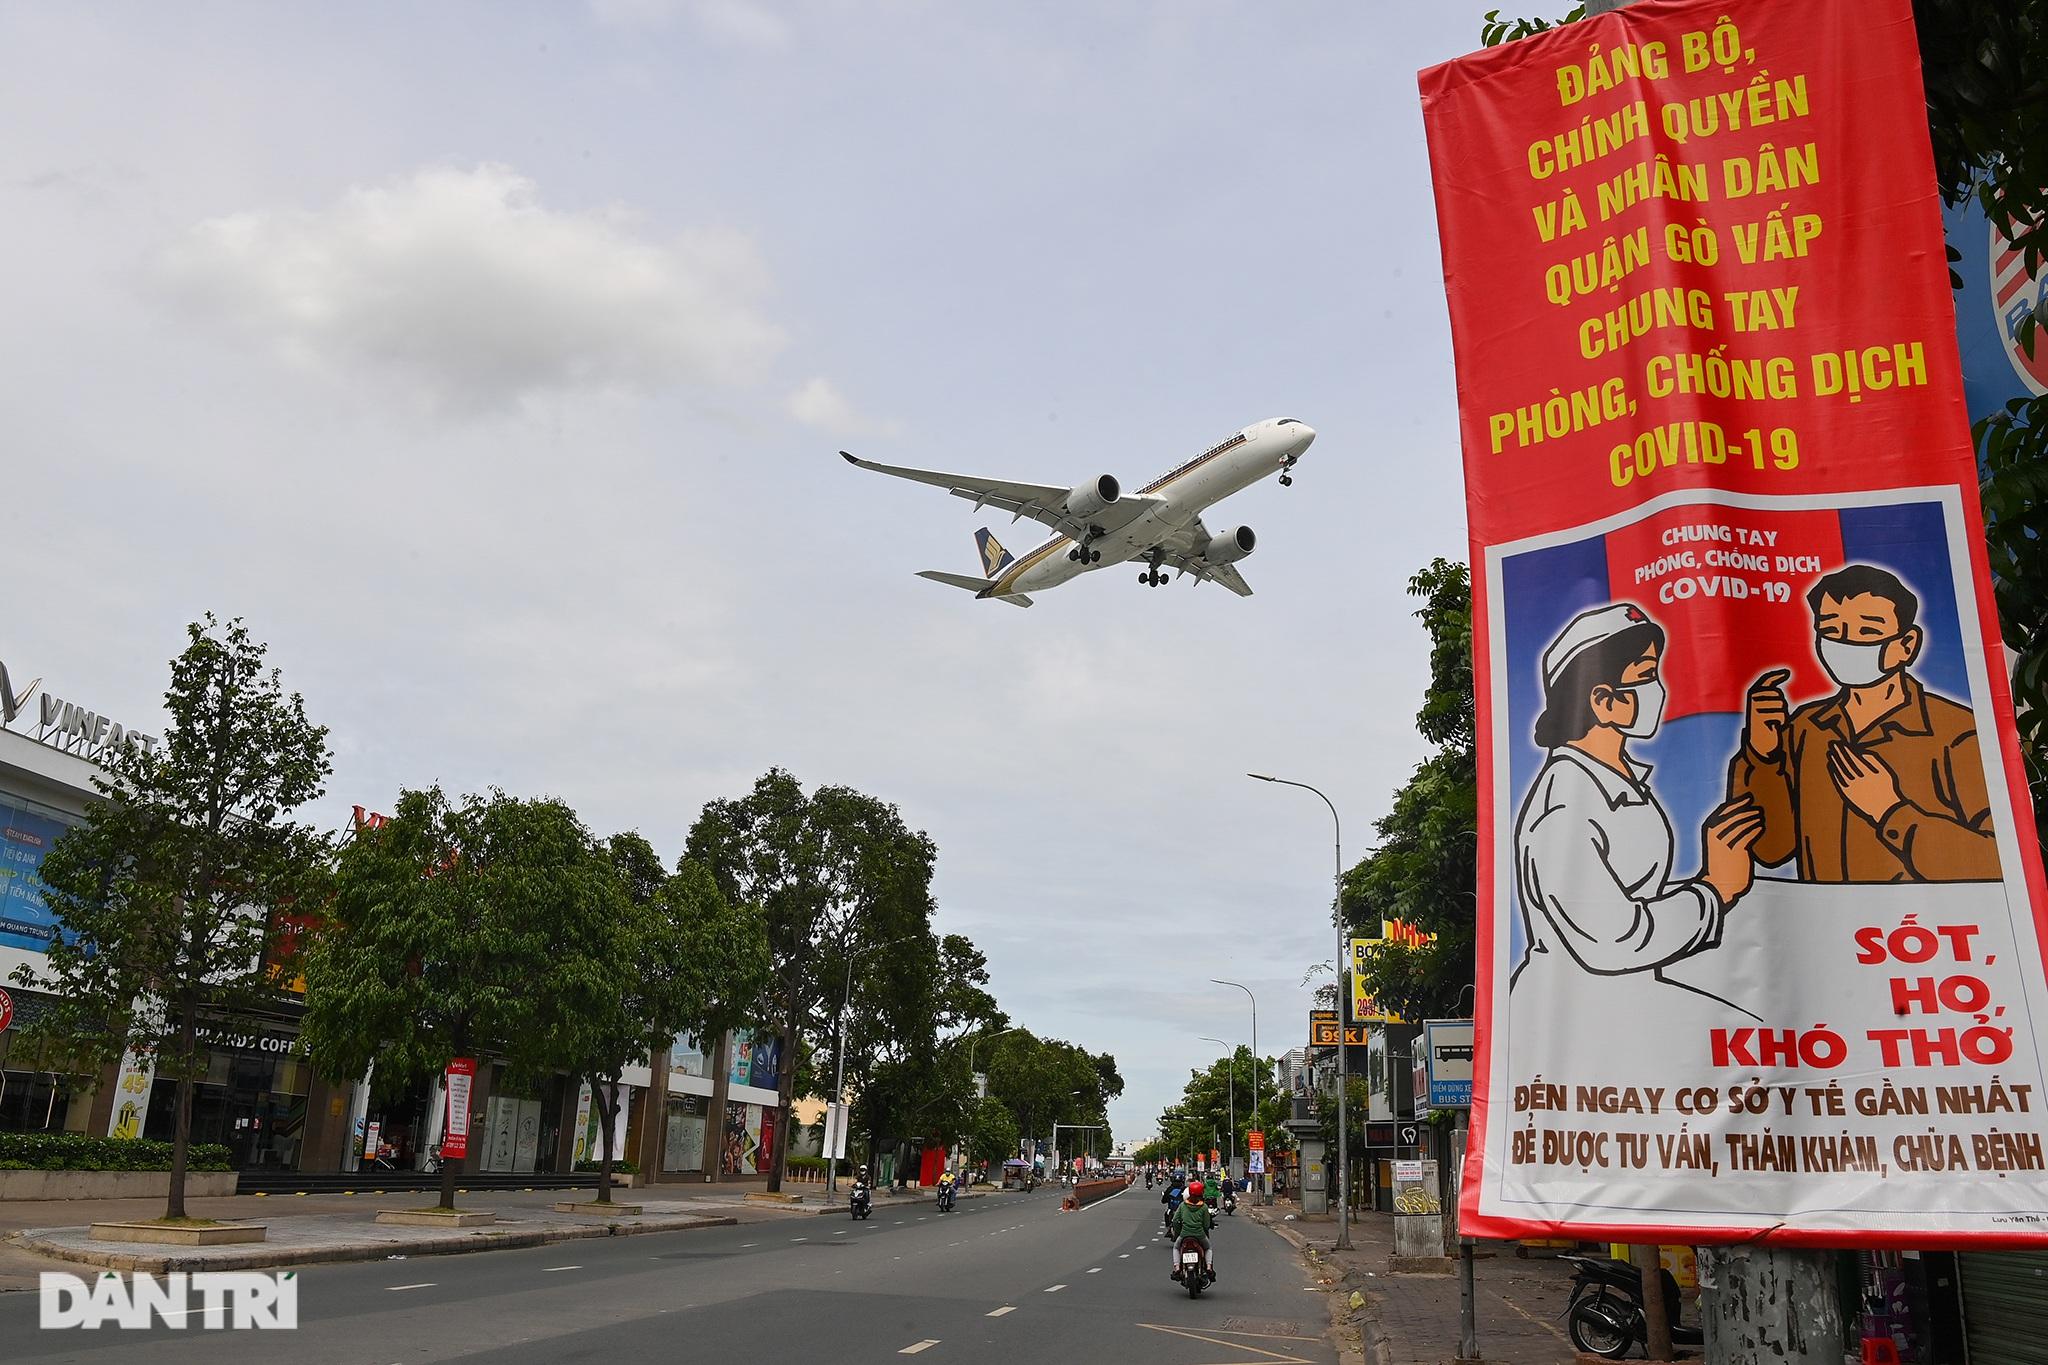 Ám ảnh hàng trăm tàu bay đắp chiếu nằm la liệt tại Nội Bài, Tân Sơn Nhất - 12